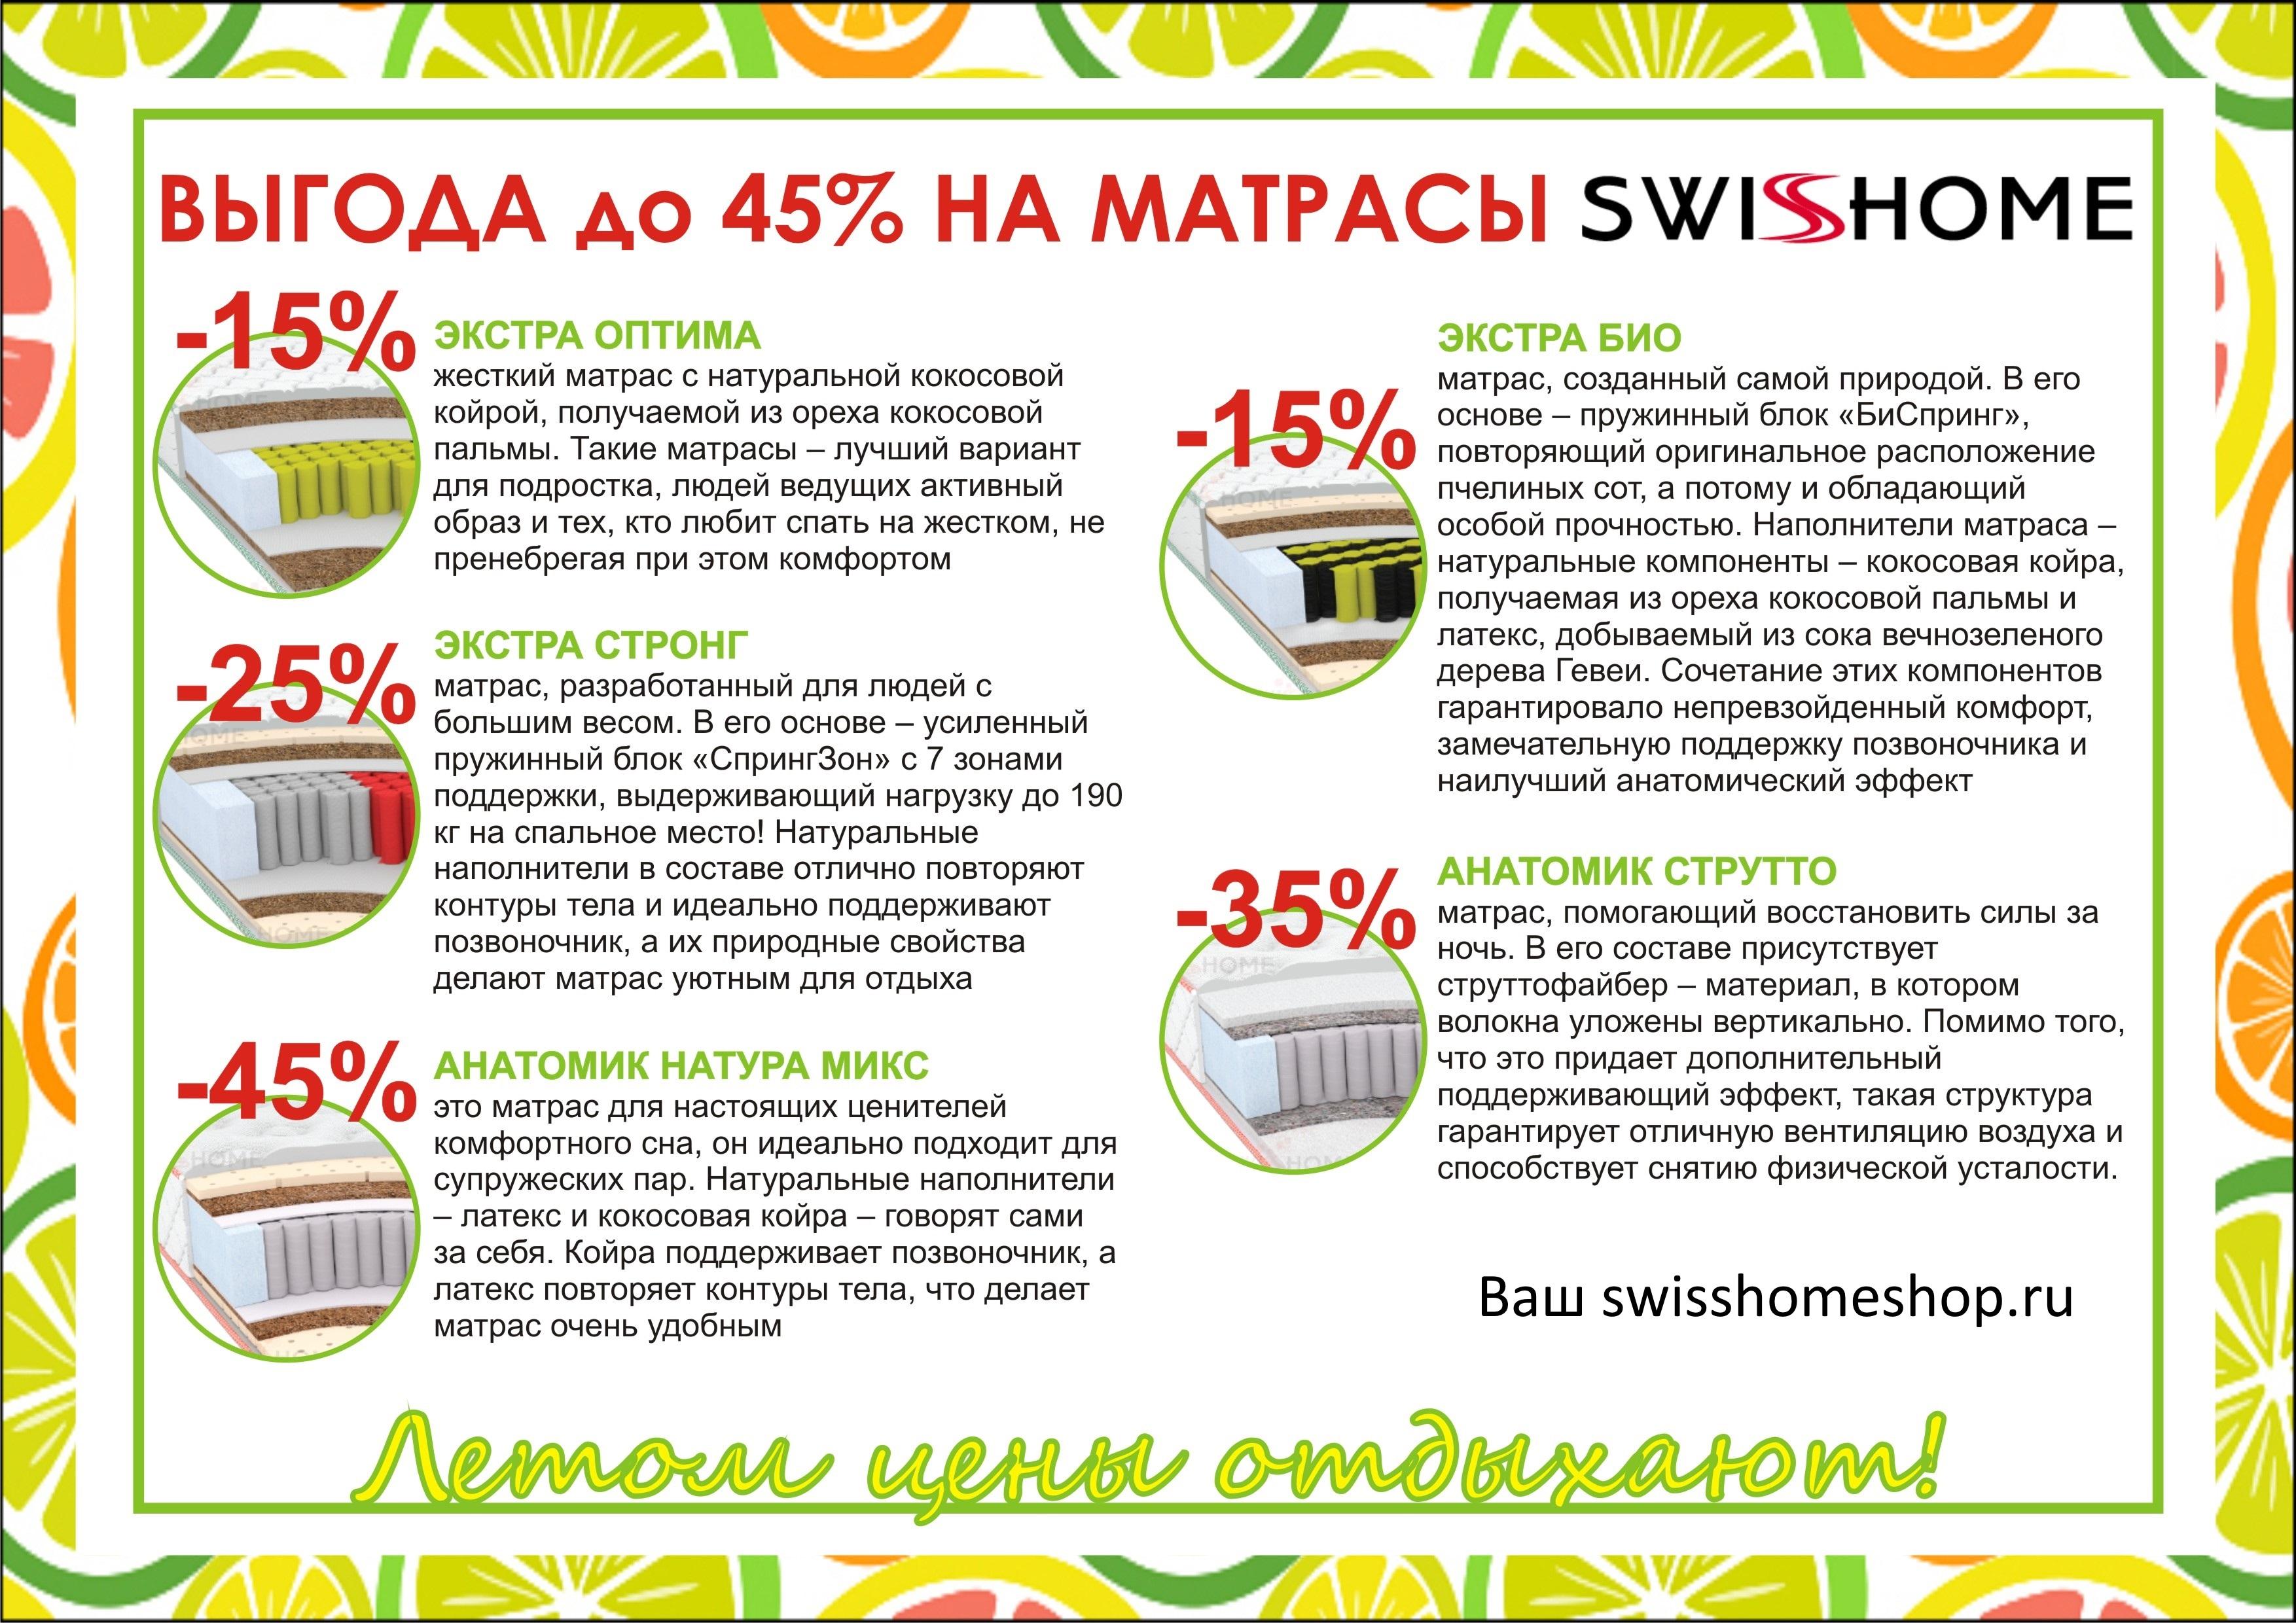 Скидки на Swisshomeshop.ru